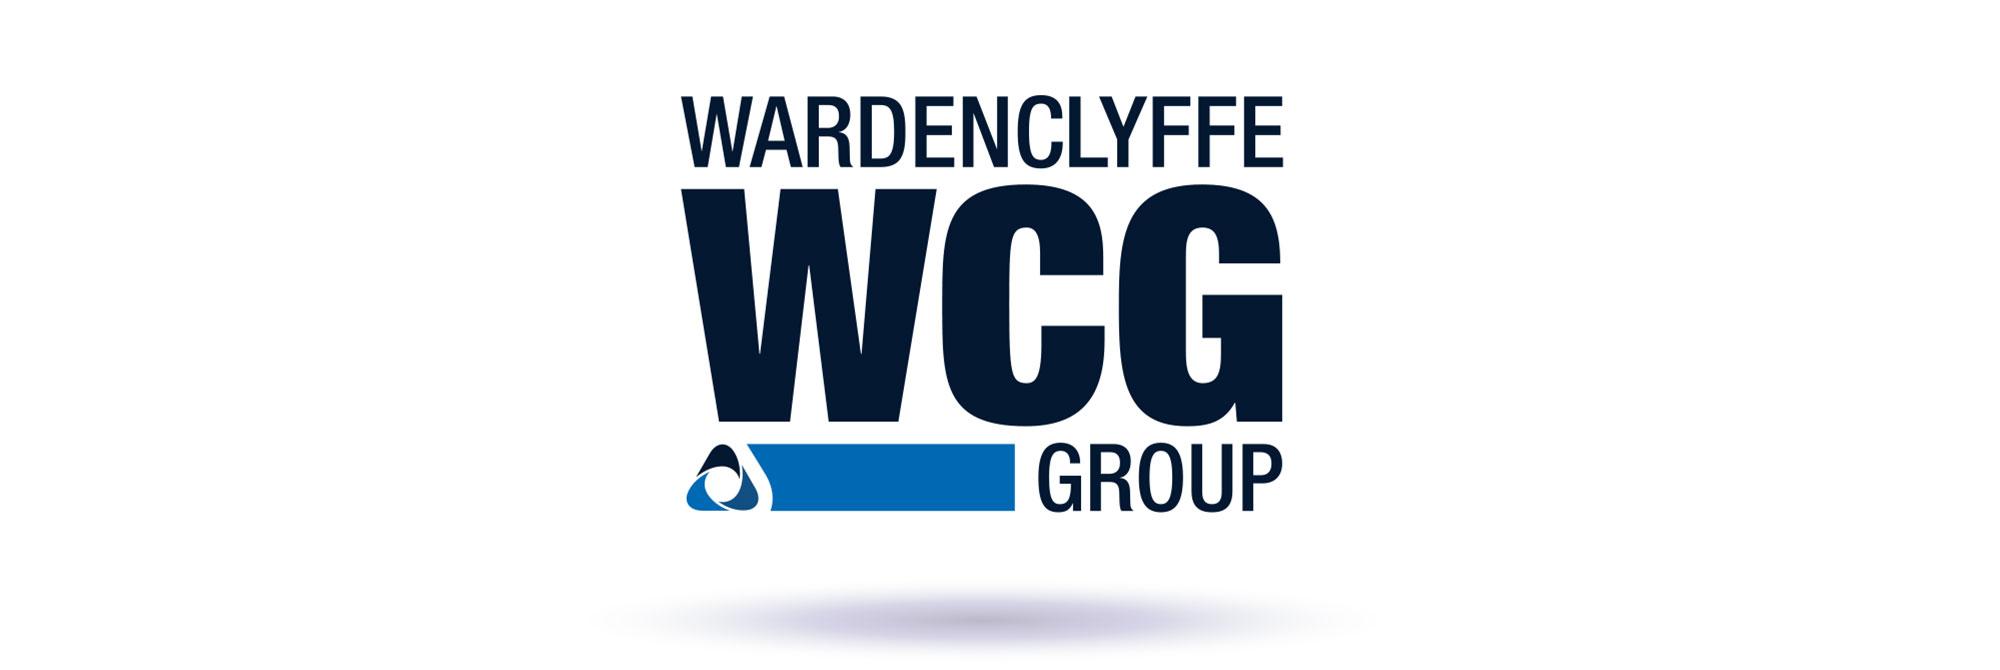 wardenclyffe logo 2